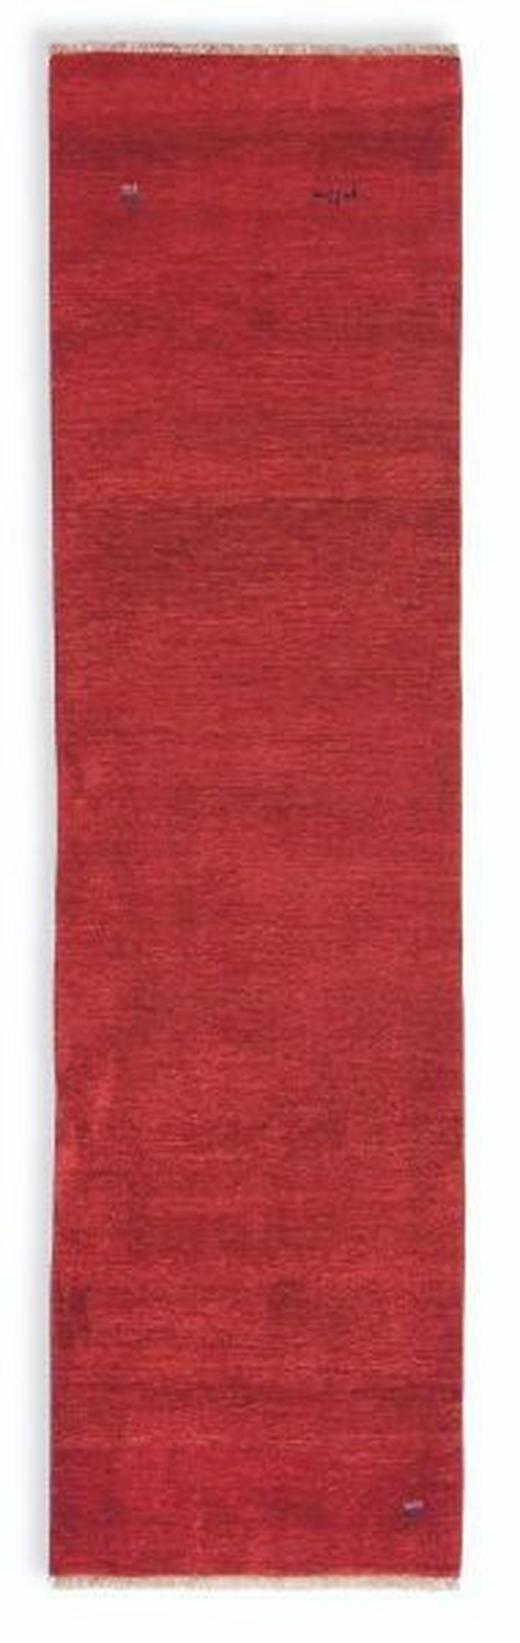 ORIENTTEPPICH 80/200 cm - Rot, KONVENTIONELL, Textil (80/200cm) - Esposa